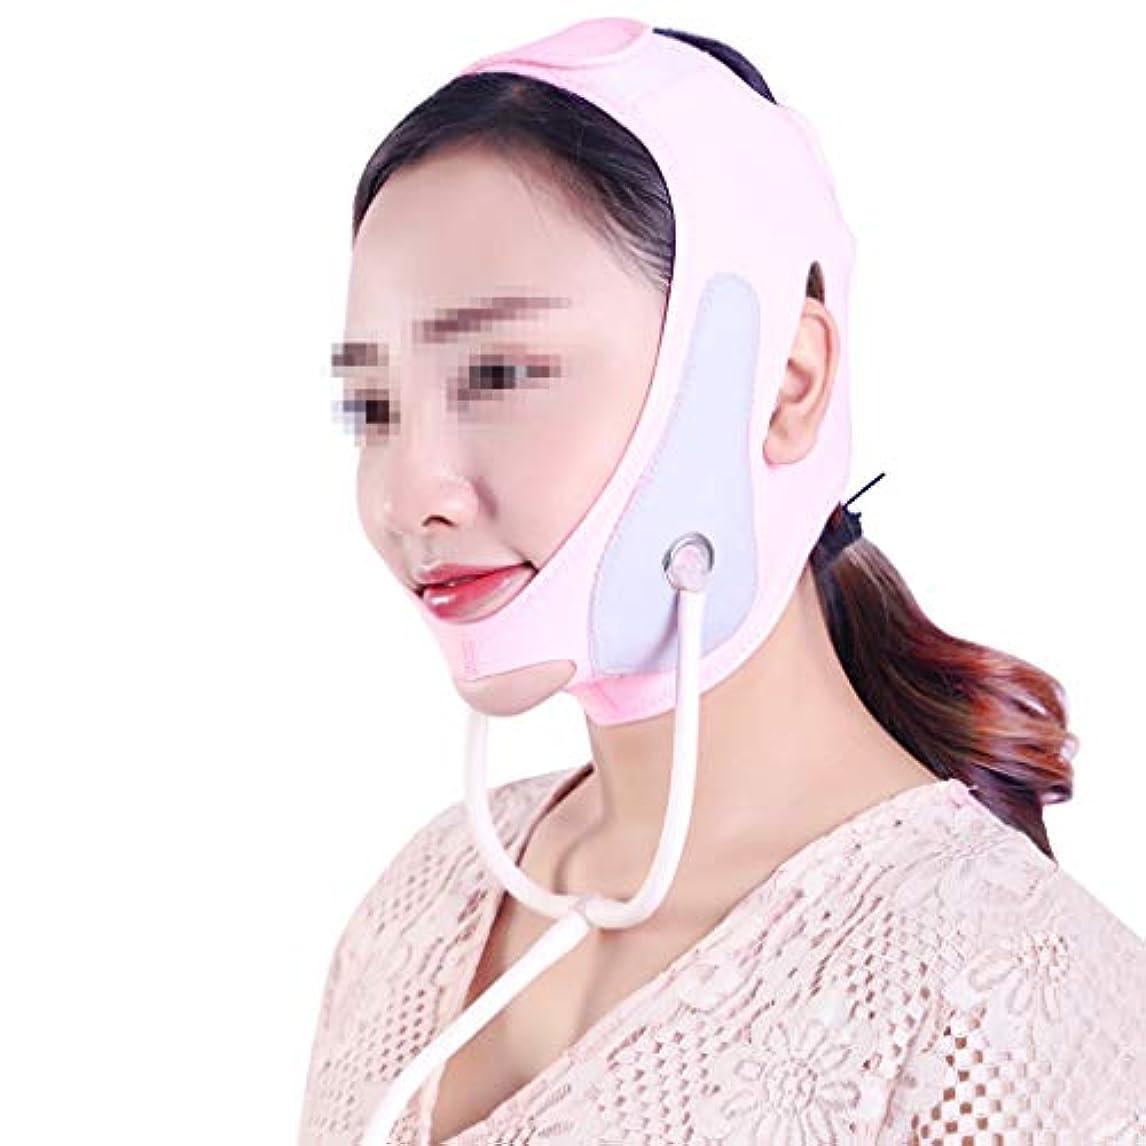 驚昇る炭素インフレータブルフェイスリフティングマスク、小さなvフェイスステッカーリフトプル形状筋肉引き締めスキンダブルチン包帯ピンク